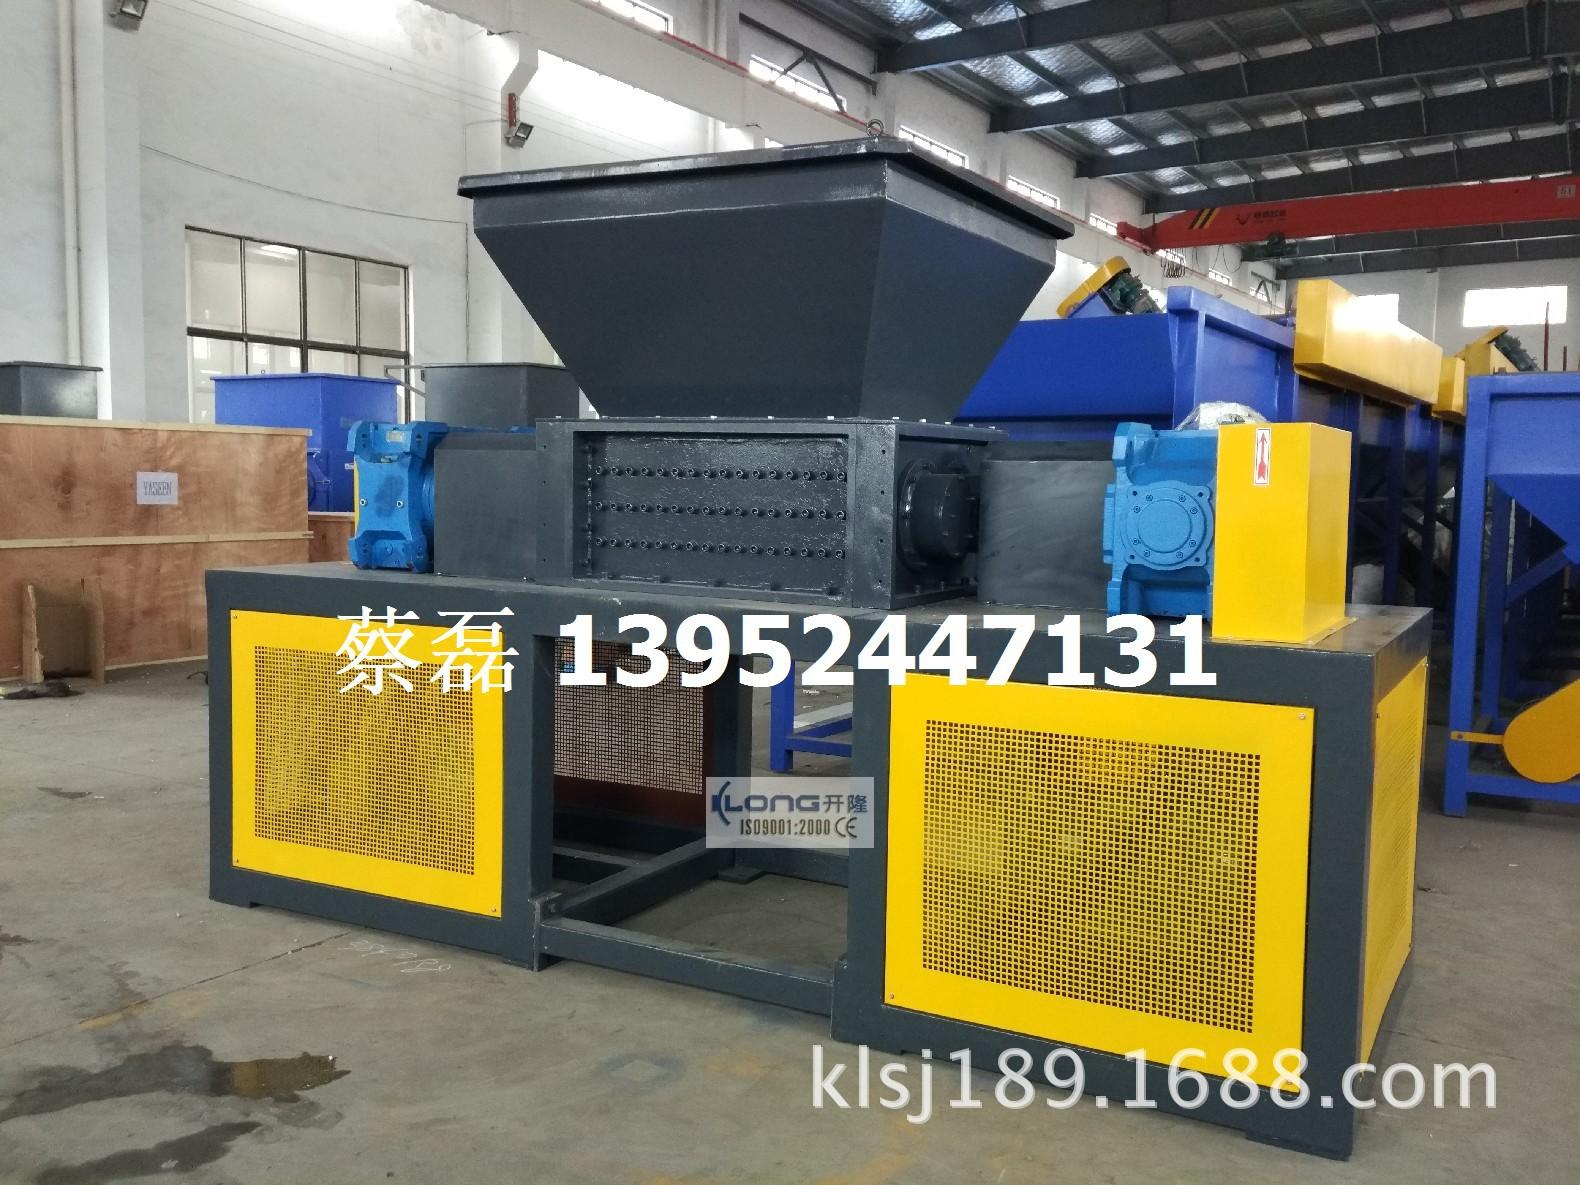 Nhà sản xuất cung cấp hai trục máy nghiền